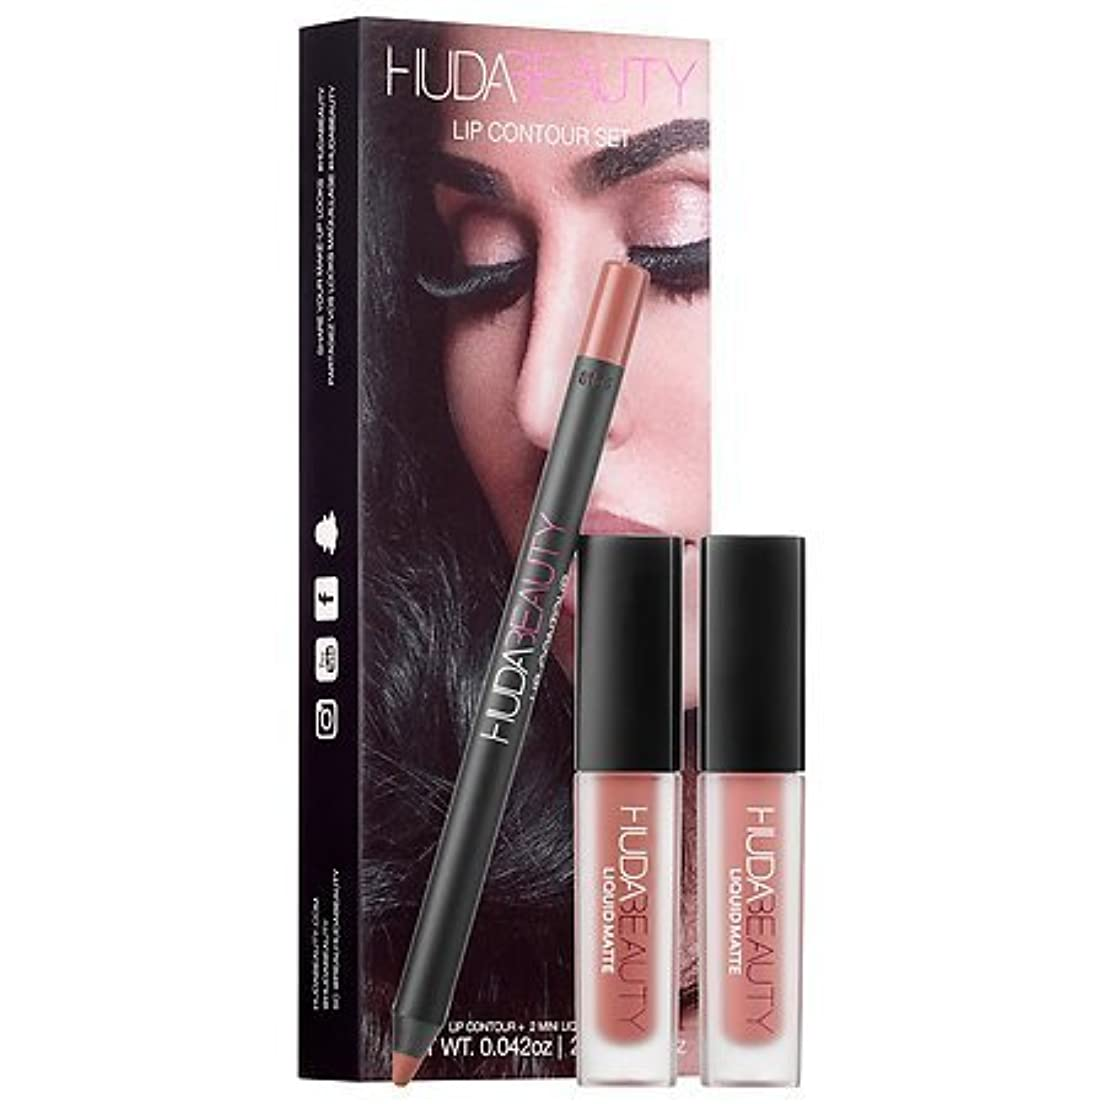 フィルタシダ怒っているHuda Beauty Lip Contour Set - Trendsetter (brown nude) & Bombshell (subtle pinkish nude) [並行輸入品]